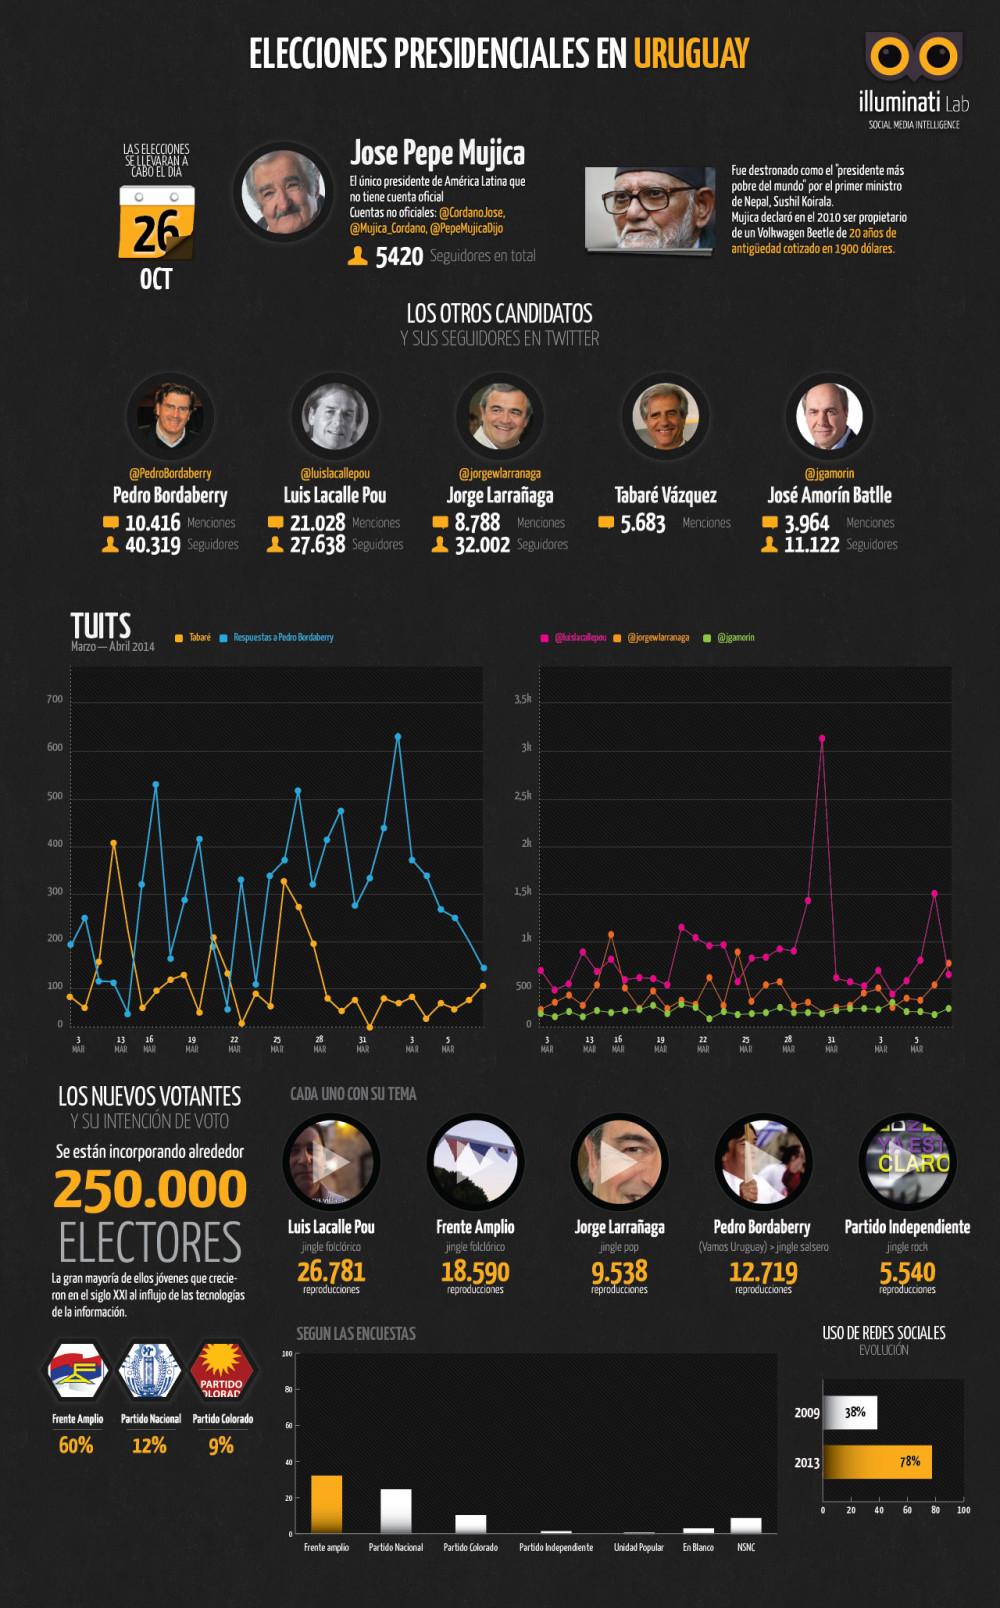 infografia-elecciones-uruguay